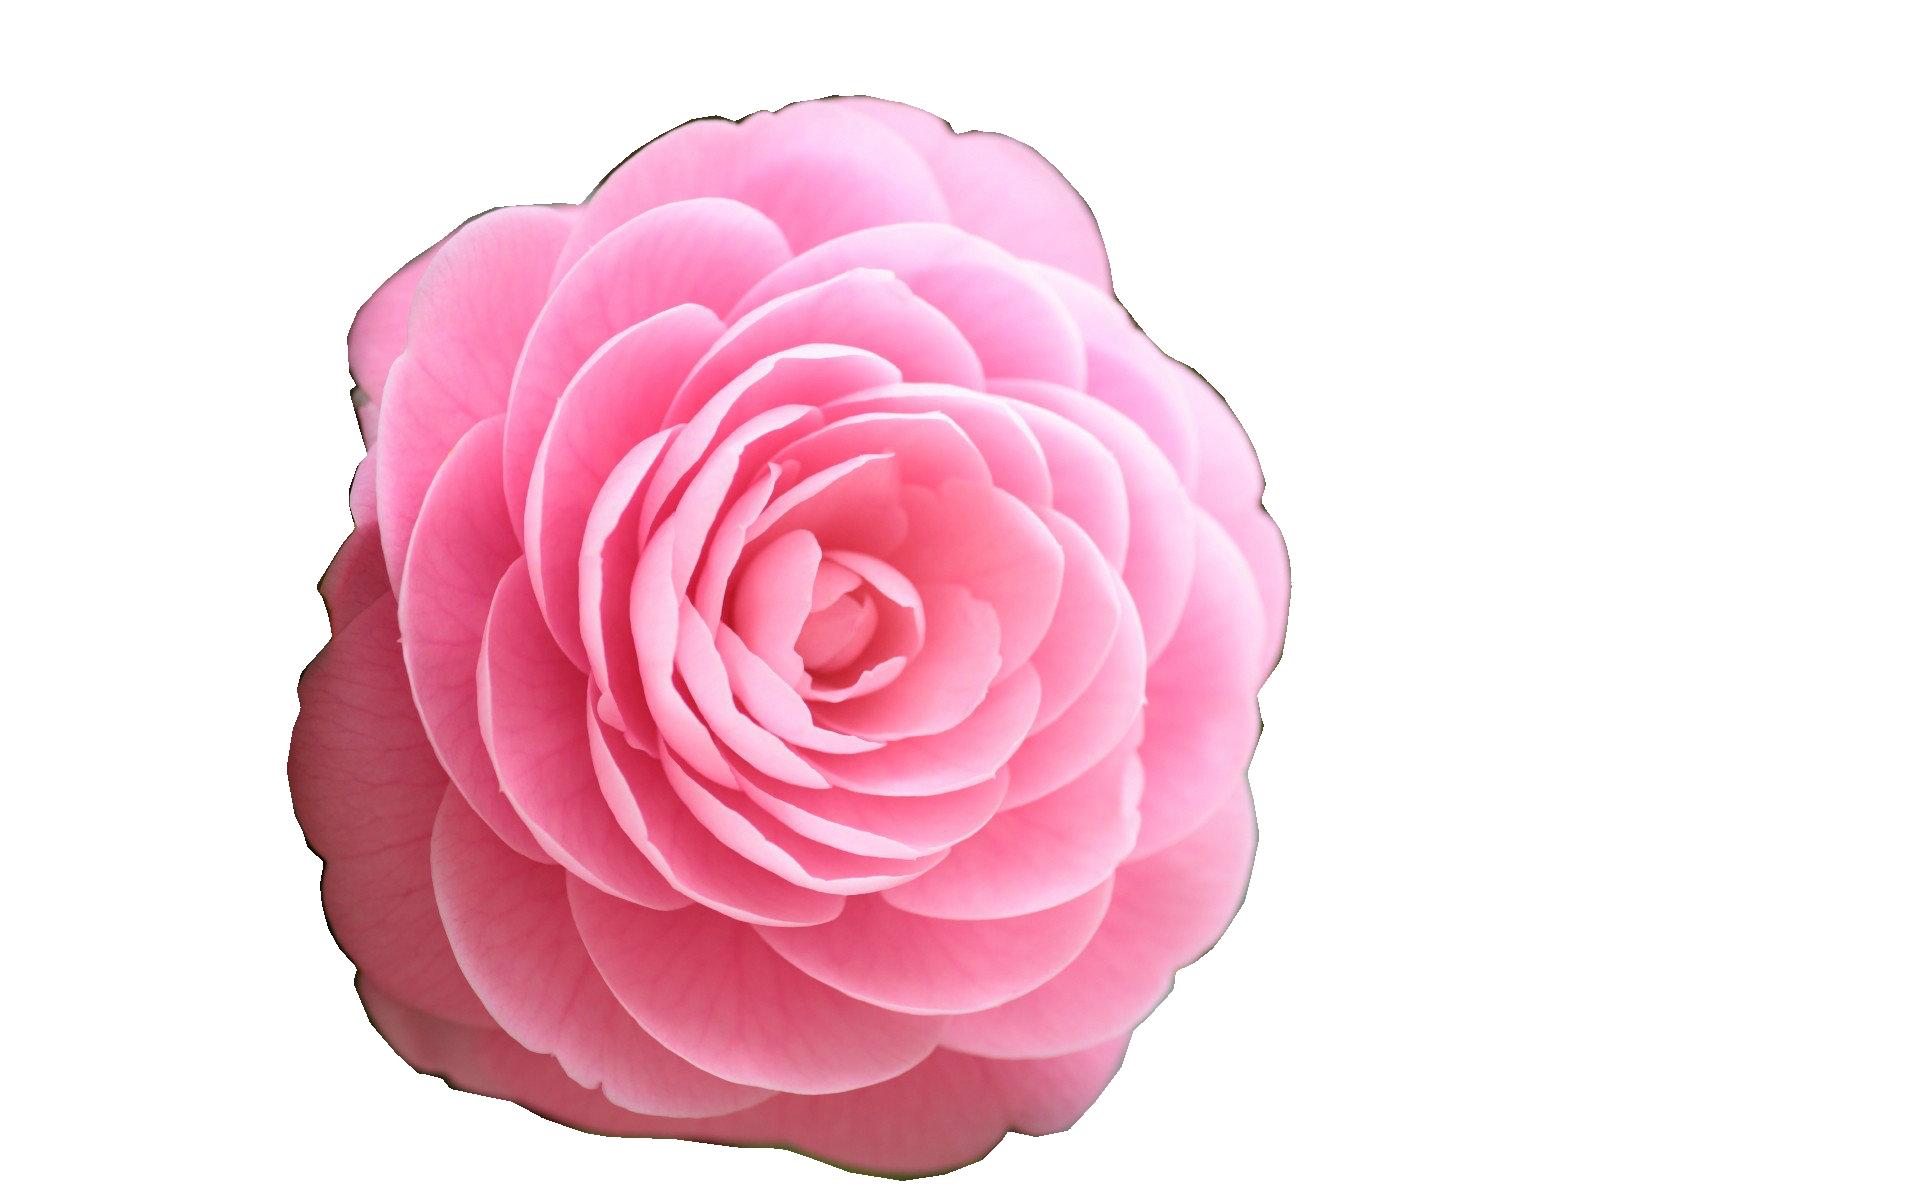 pink rose clip art dothuytinh. Black Bedroom Furniture Sets. Home Design Ideas